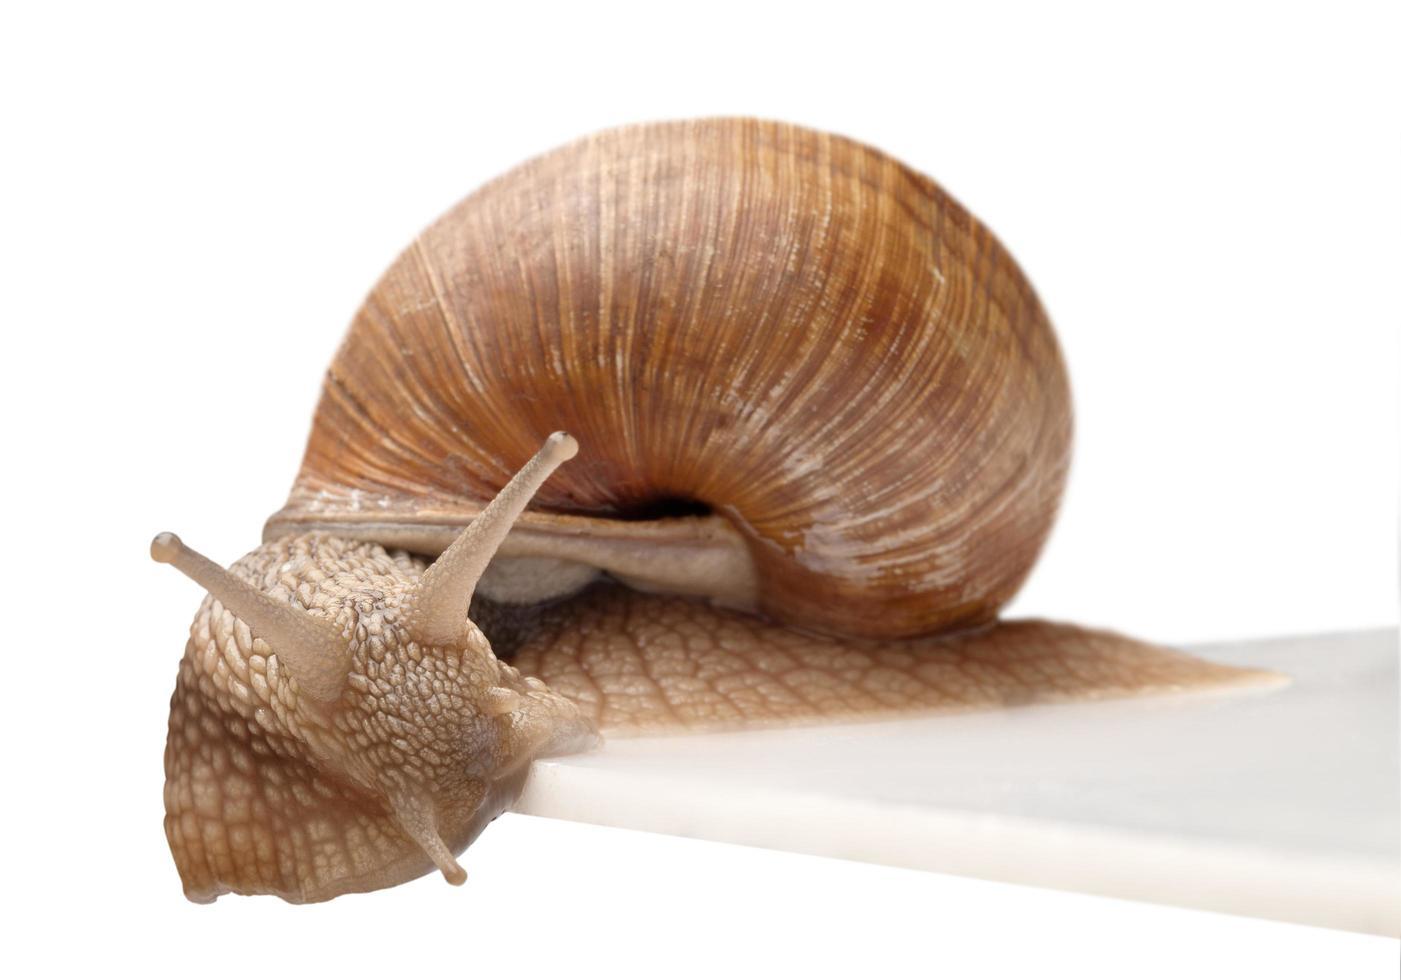 un gros escargot photo